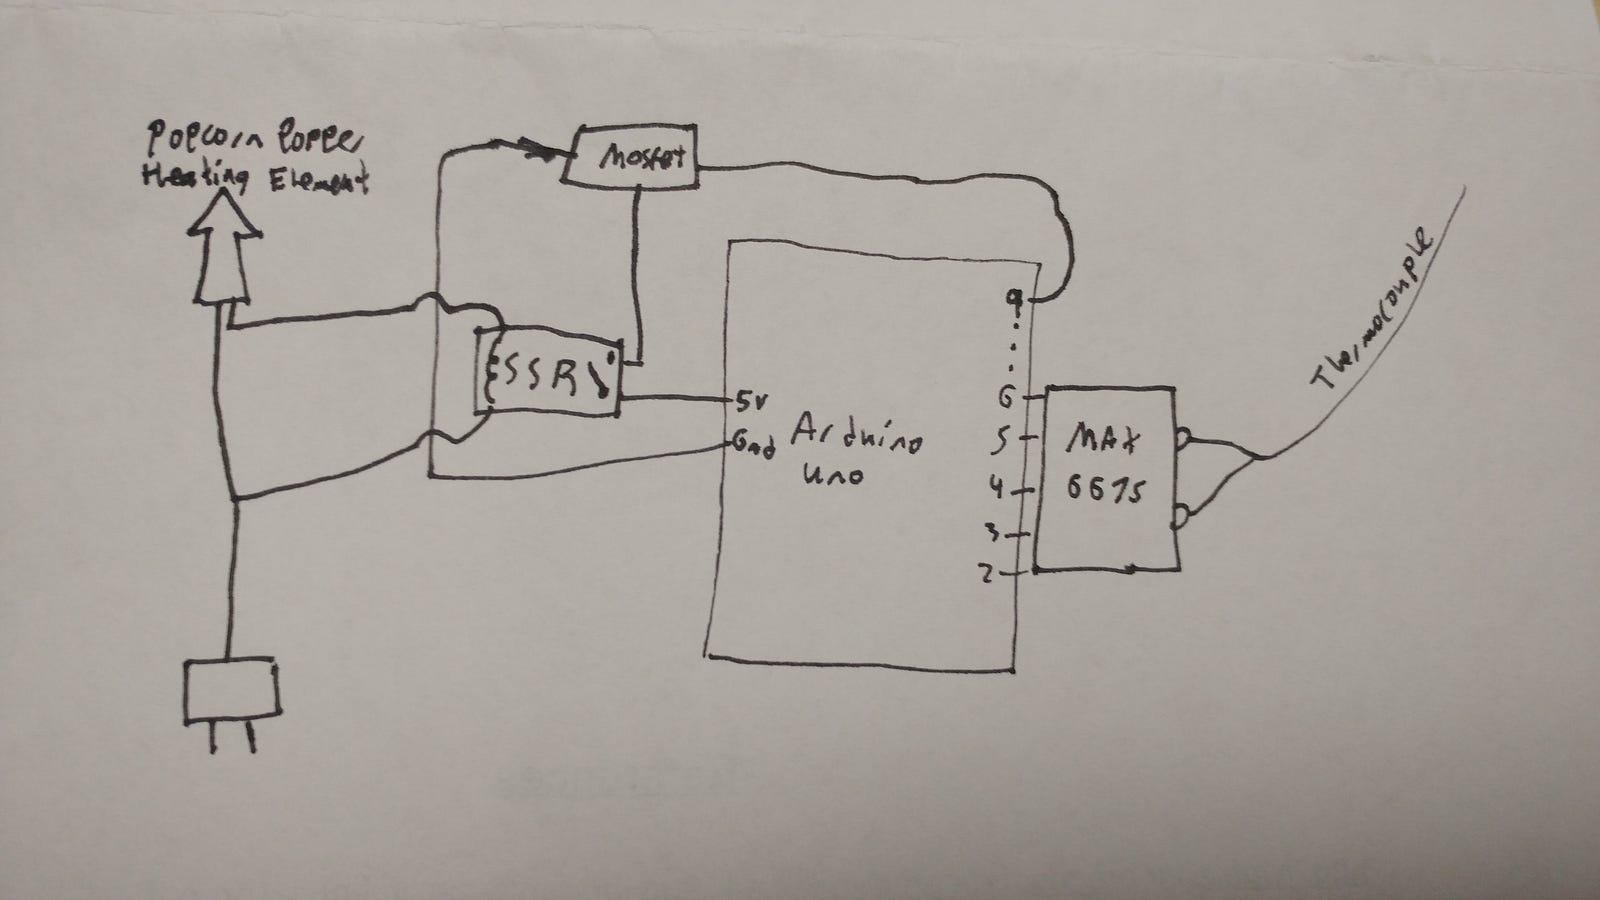 hight resolution of ssr schematics heating rod wiring diagram week ssr schematics heating rod